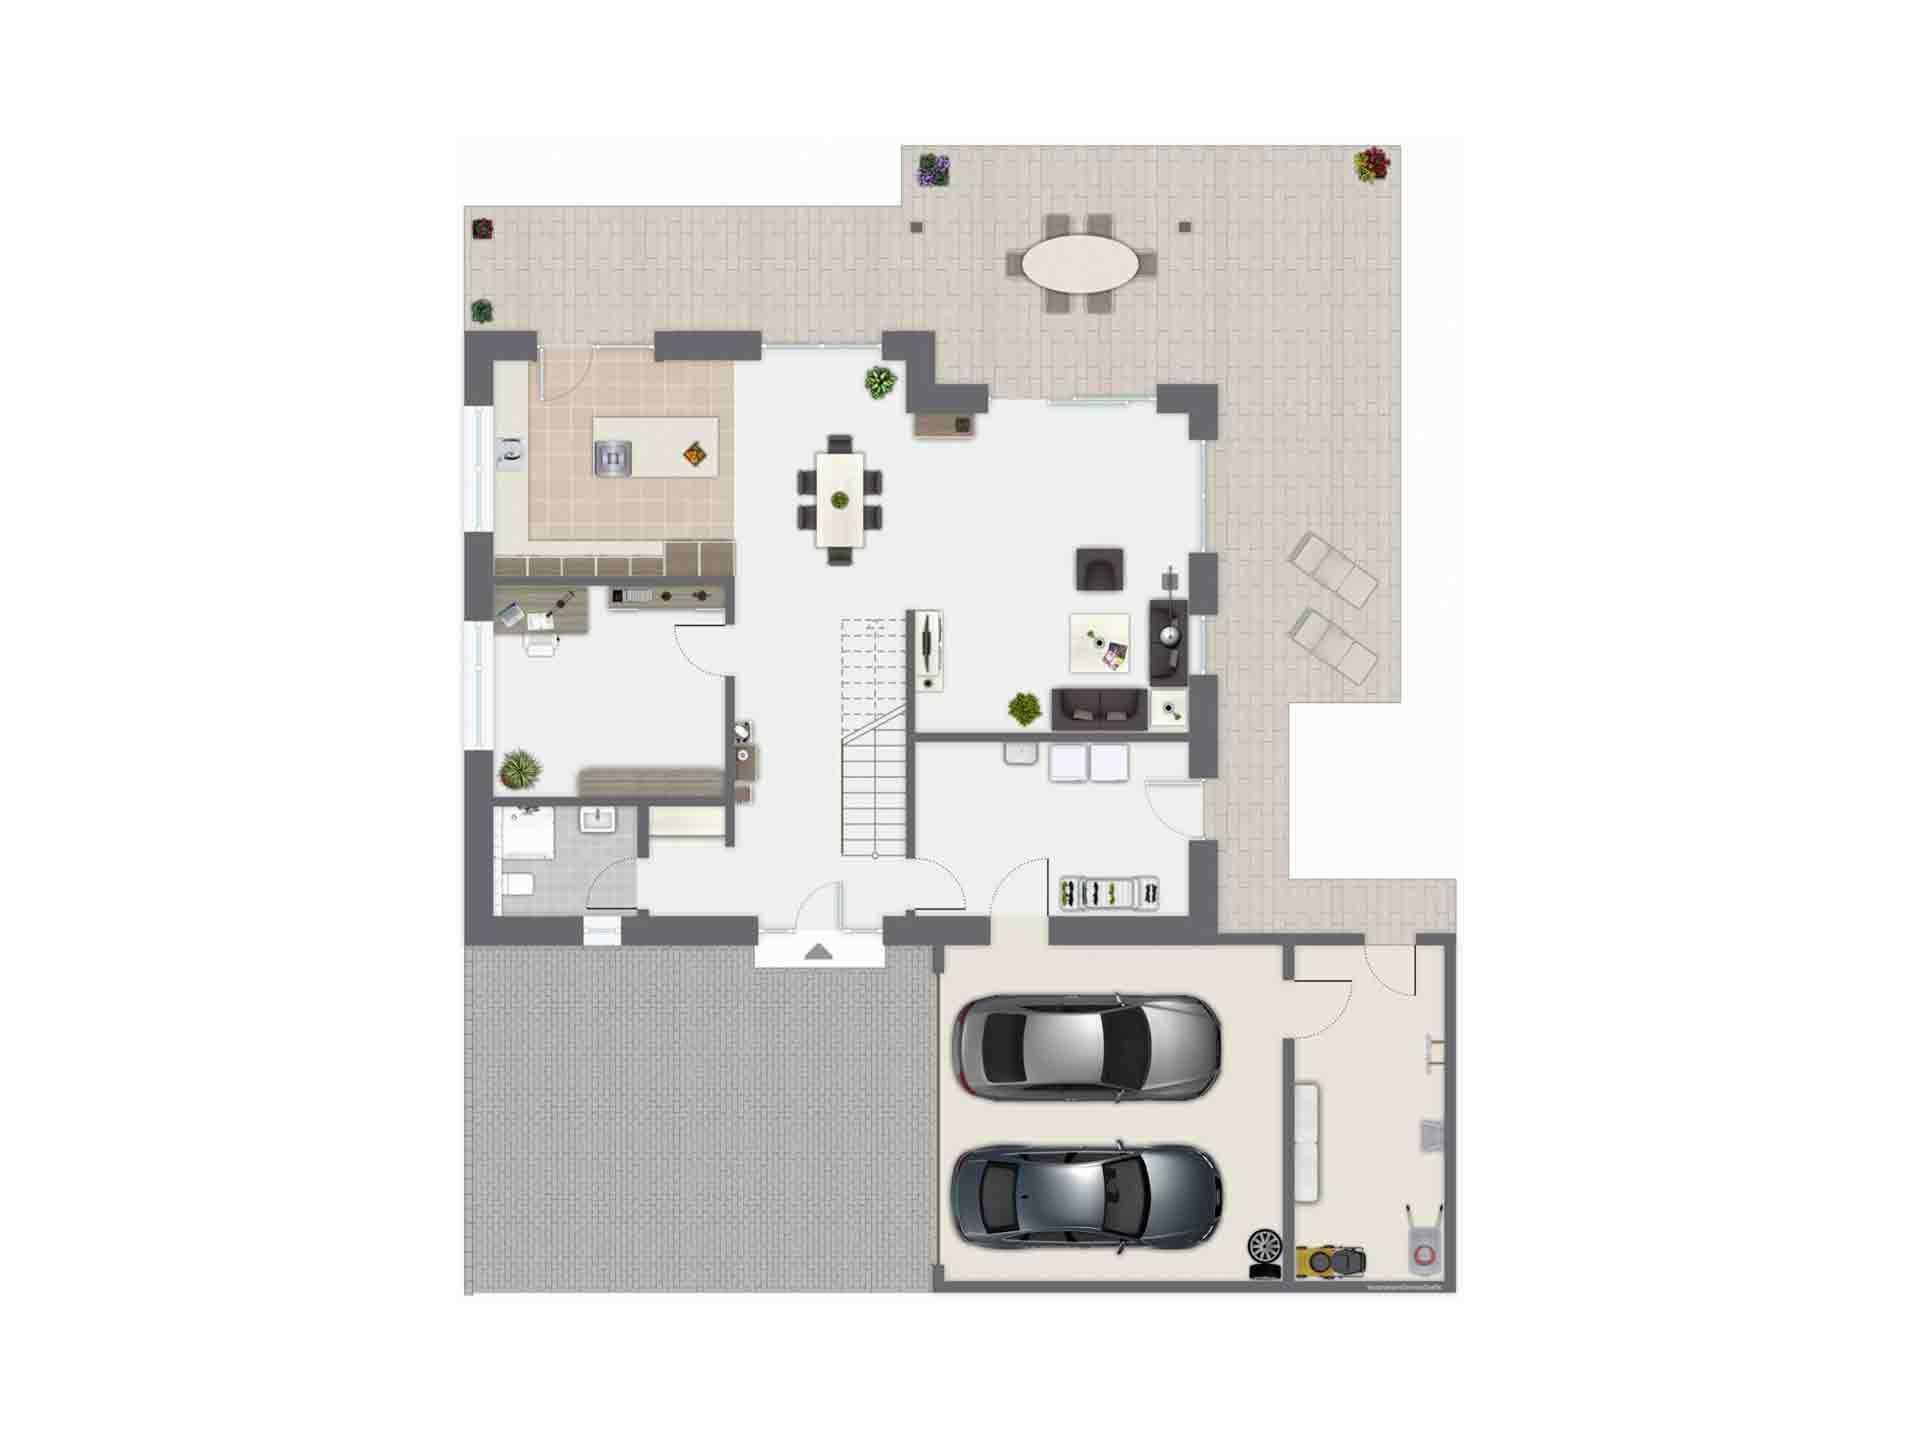 Haus Baggio - Eine Leiterplatte - Gebäudeplan